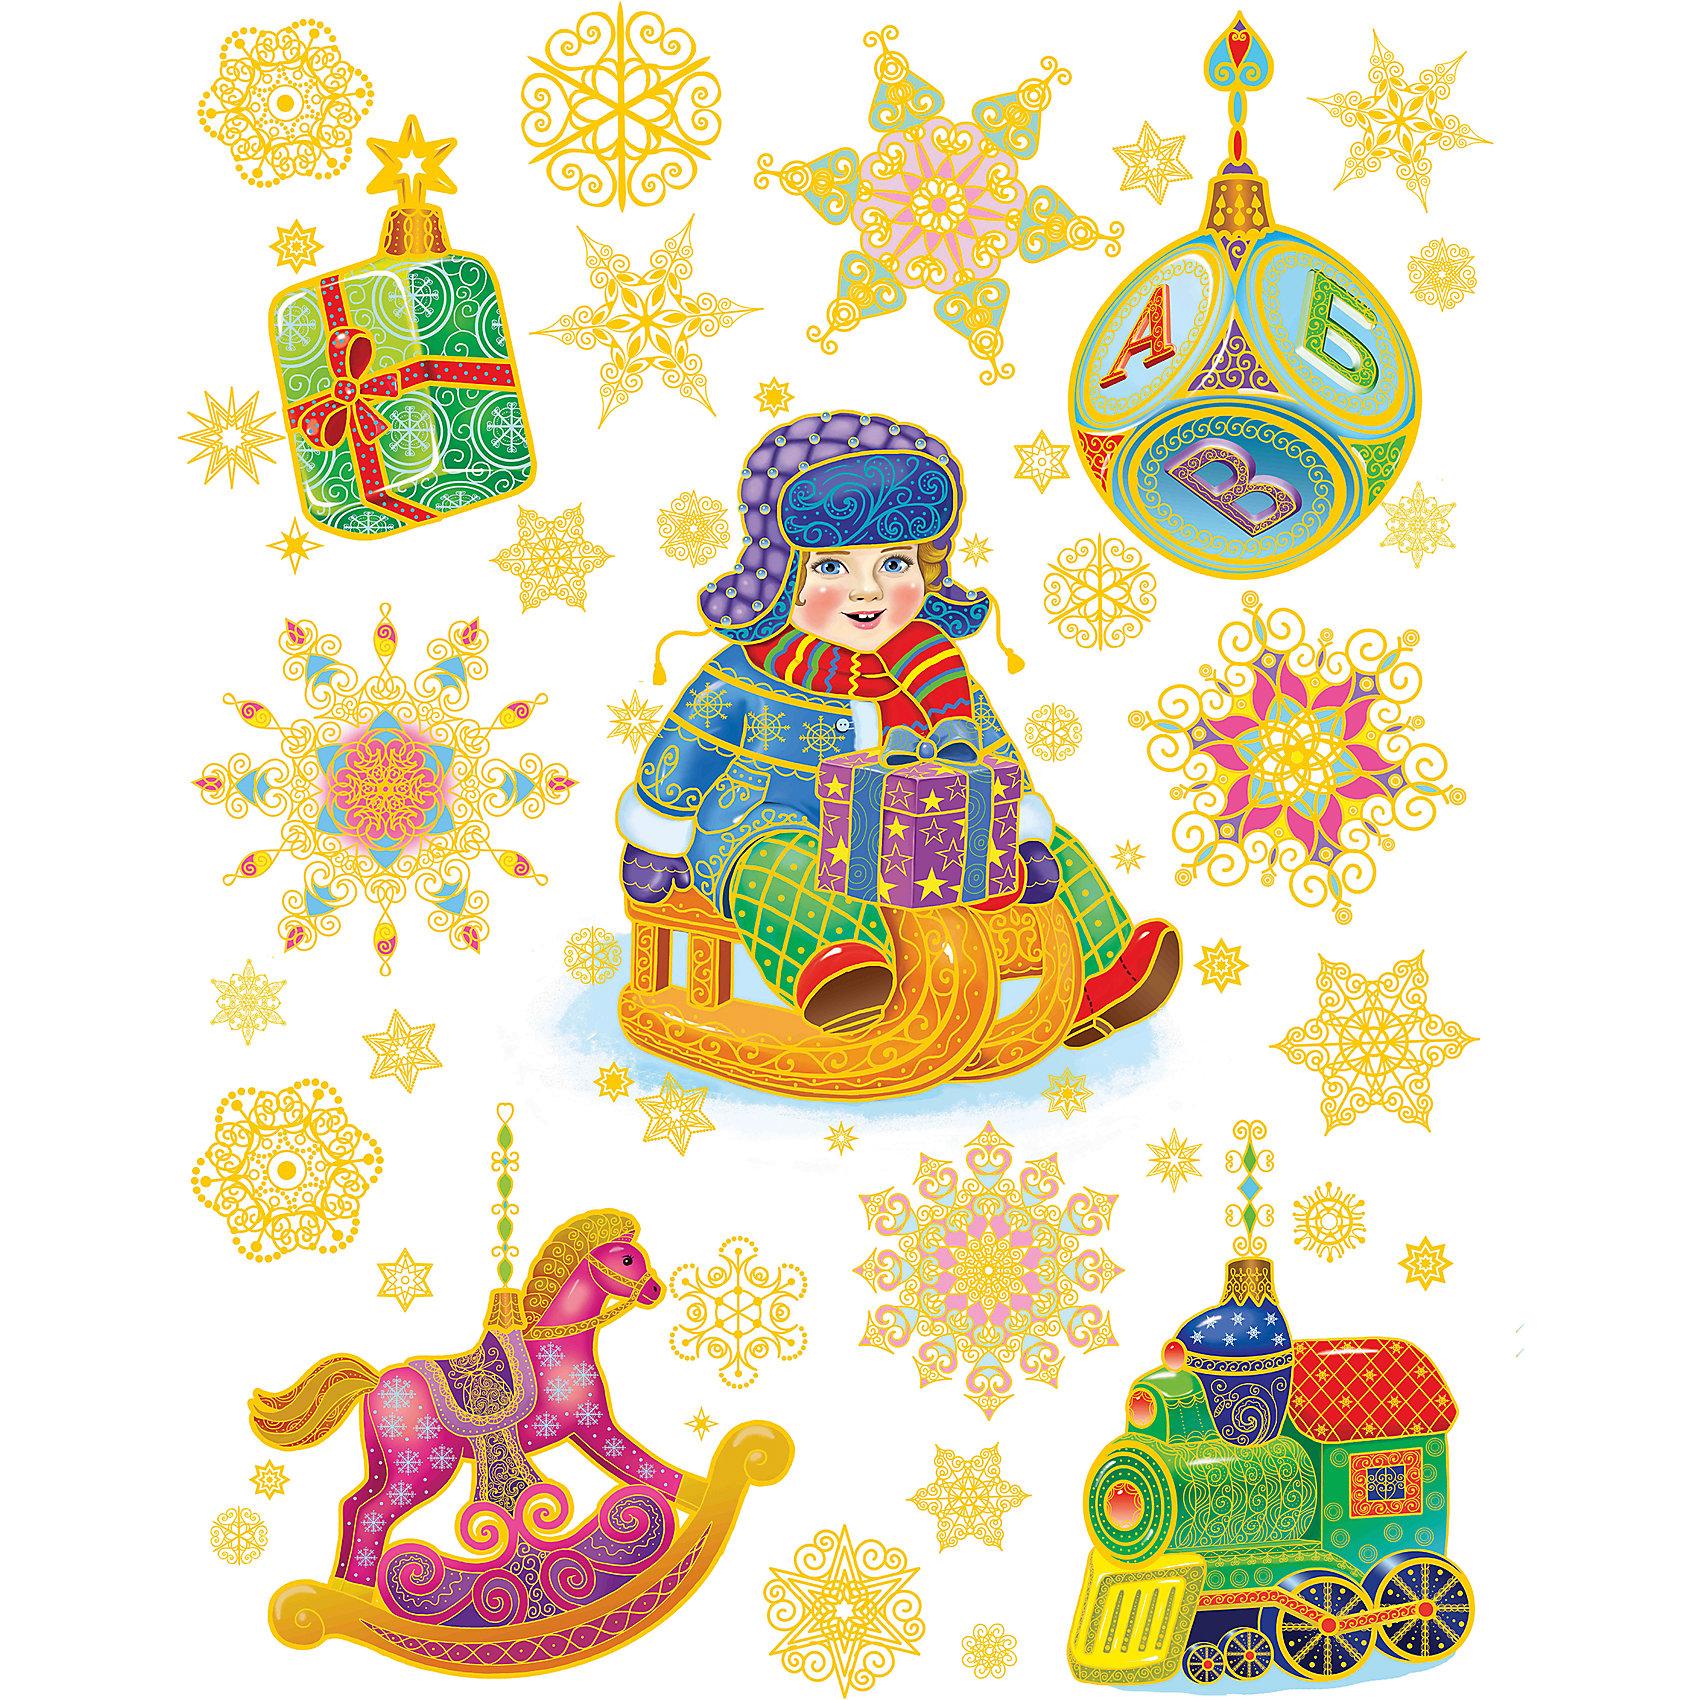 Новогоднее оконное украшение  Мальчик на санках и игрушки (30*38 см из ПВХ пленки )Новогоднее оконное украш. арт.34328/72 Мальчик на санках и игрушки (30*38 см, из ПВХ пленки, декорировано глиттером; крепится к гладкой поверхности стекла посредством статического эффекта) арт.34328<br><br>Ширина мм: 460<br>Глубина мм: 320<br>Высота мм: 1<br>Вес г: 71<br>Возраст от месяцев: 60<br>Возраст до месяцев: 600<br>Пол: Унисекс<br>Возраст: Детский<br>SKU: 5144646